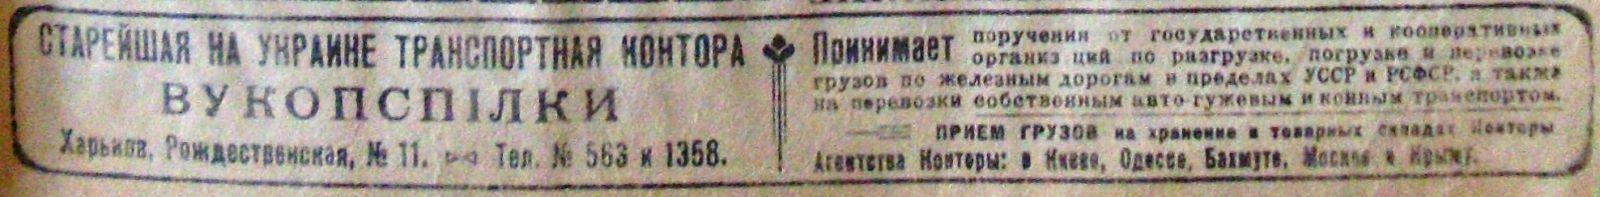 Реклама «петлюрівської» контори 1922 року. Цікаво, що з її політичною характеристикою чекісти не помилилися